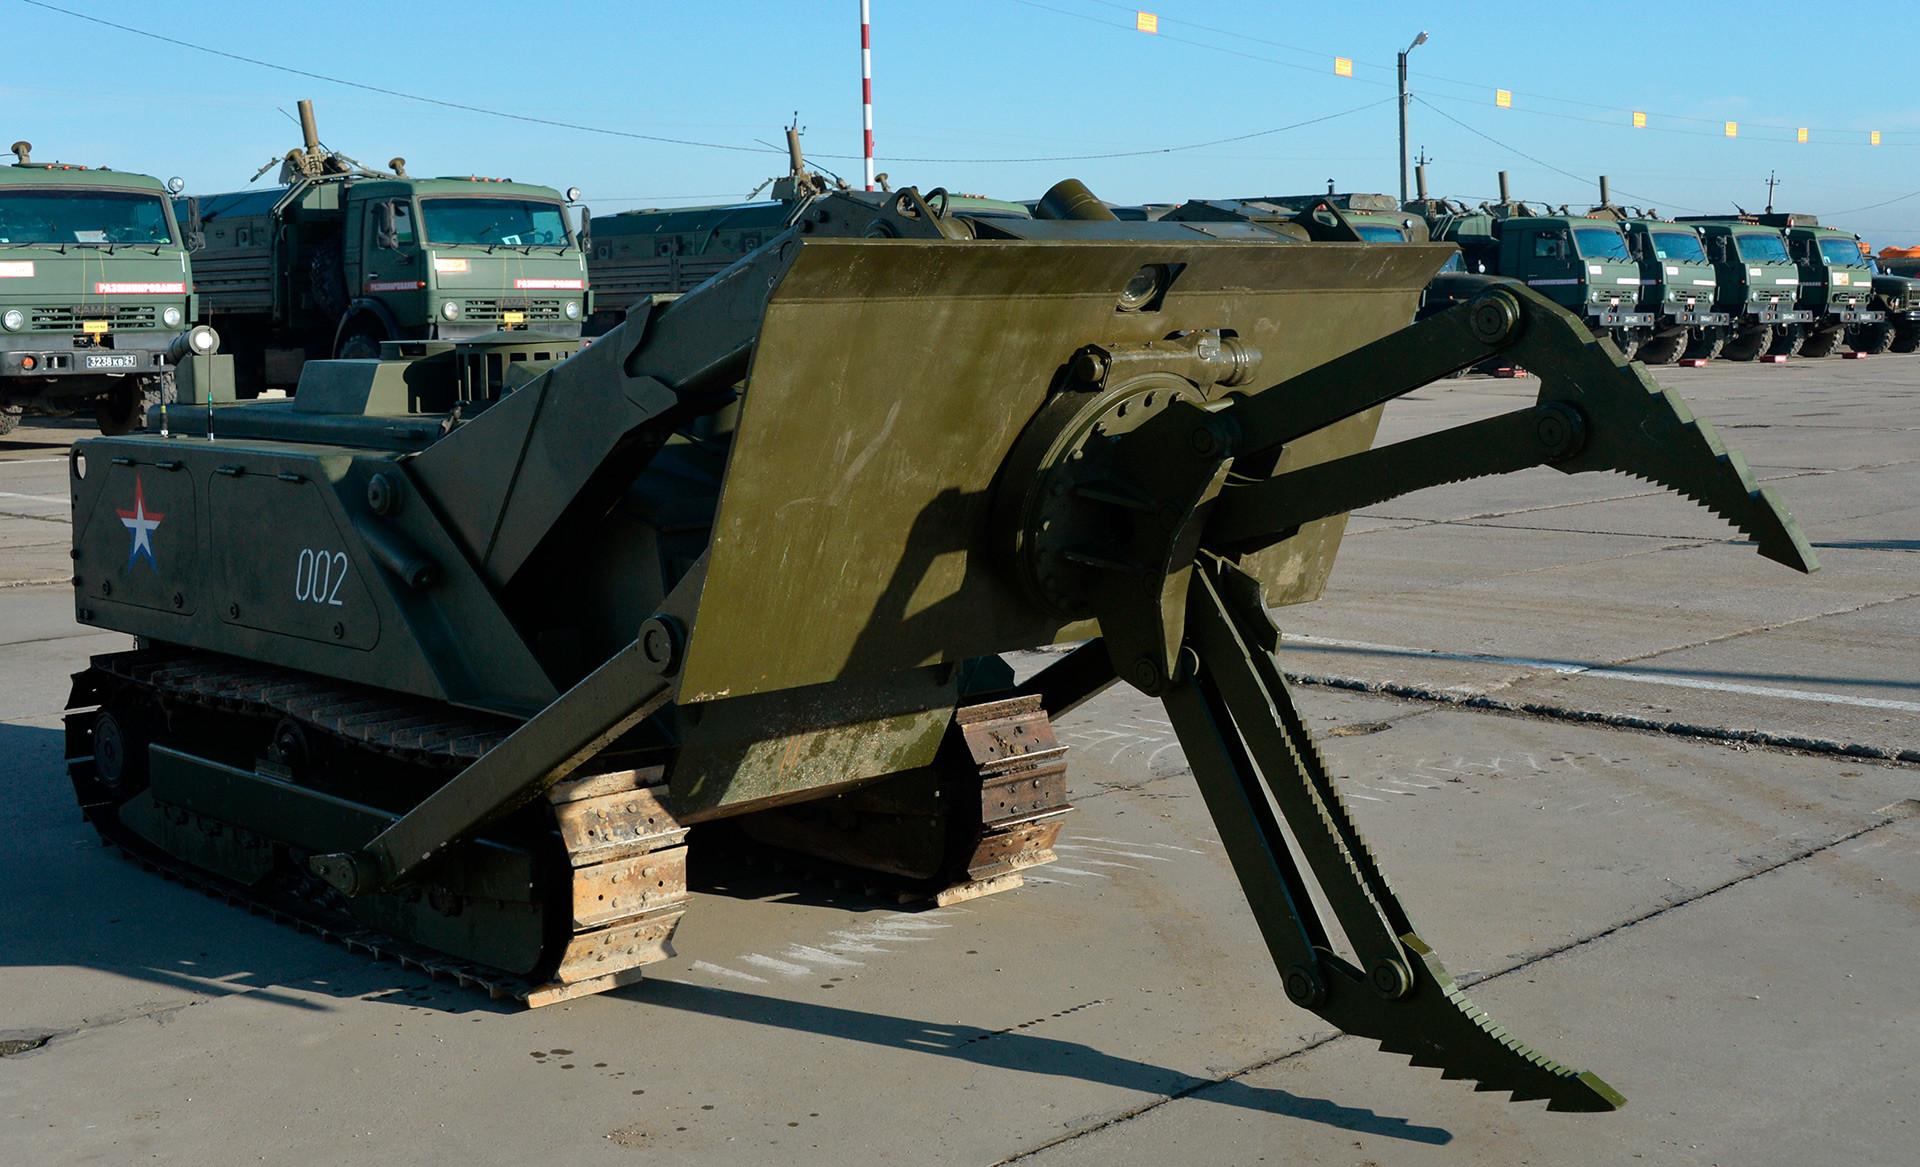 Robotski sistem Uran-6 za ustvarjanje varnih prehodov na minskih poljih in razminiranje večjih minskih polj.